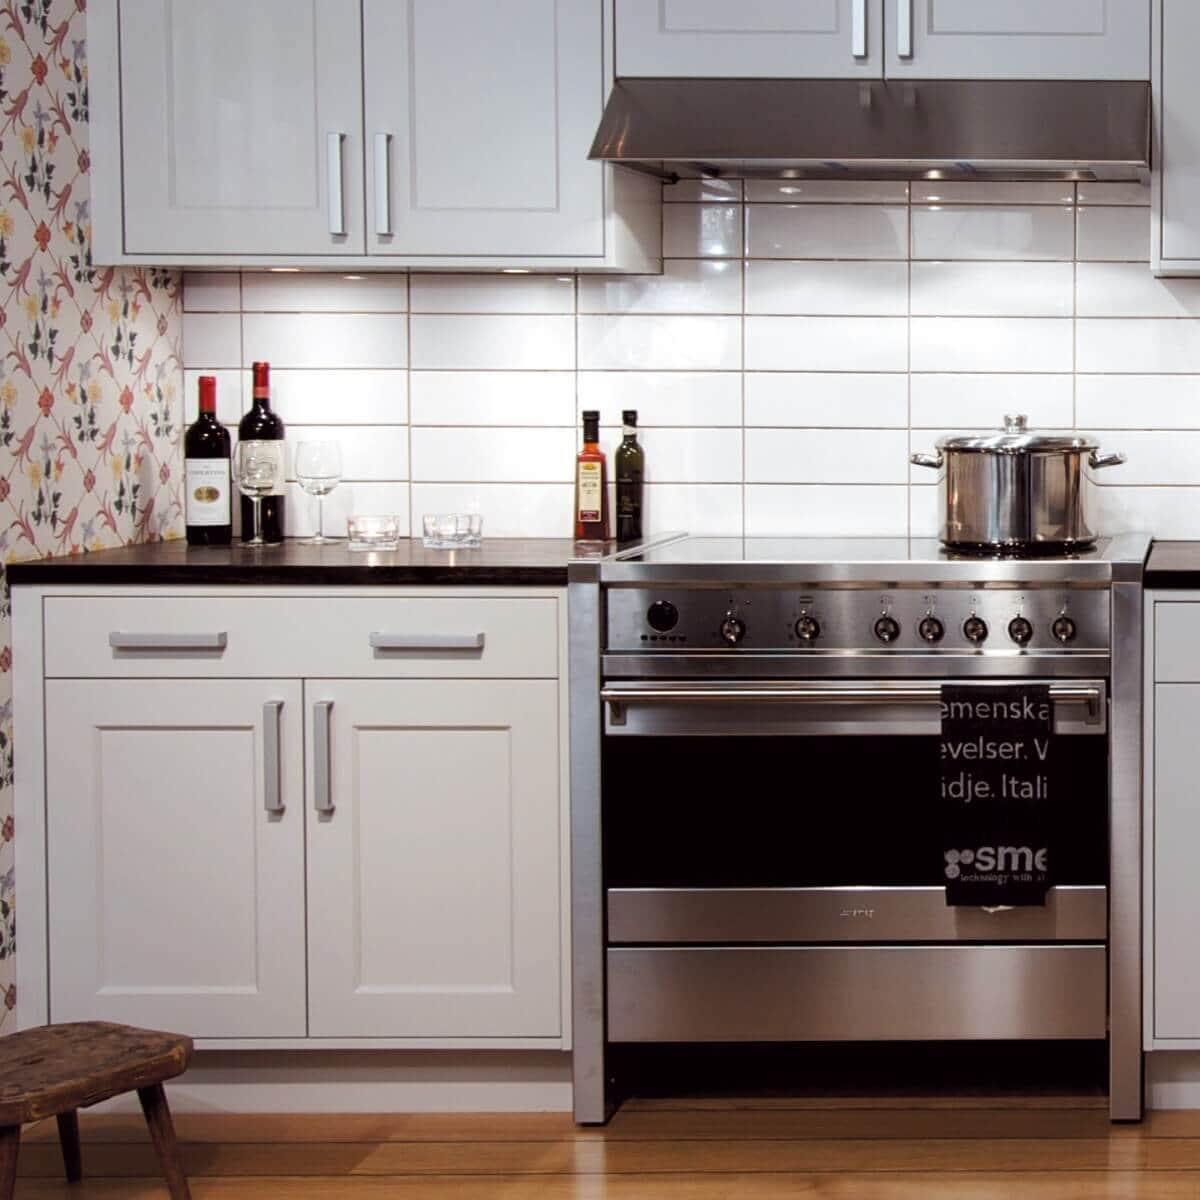 Underbyggnadsfläkten Accent i rostfritt utförande monterad under skåp ovanför rostfri spis i traditionell köksmiljö.